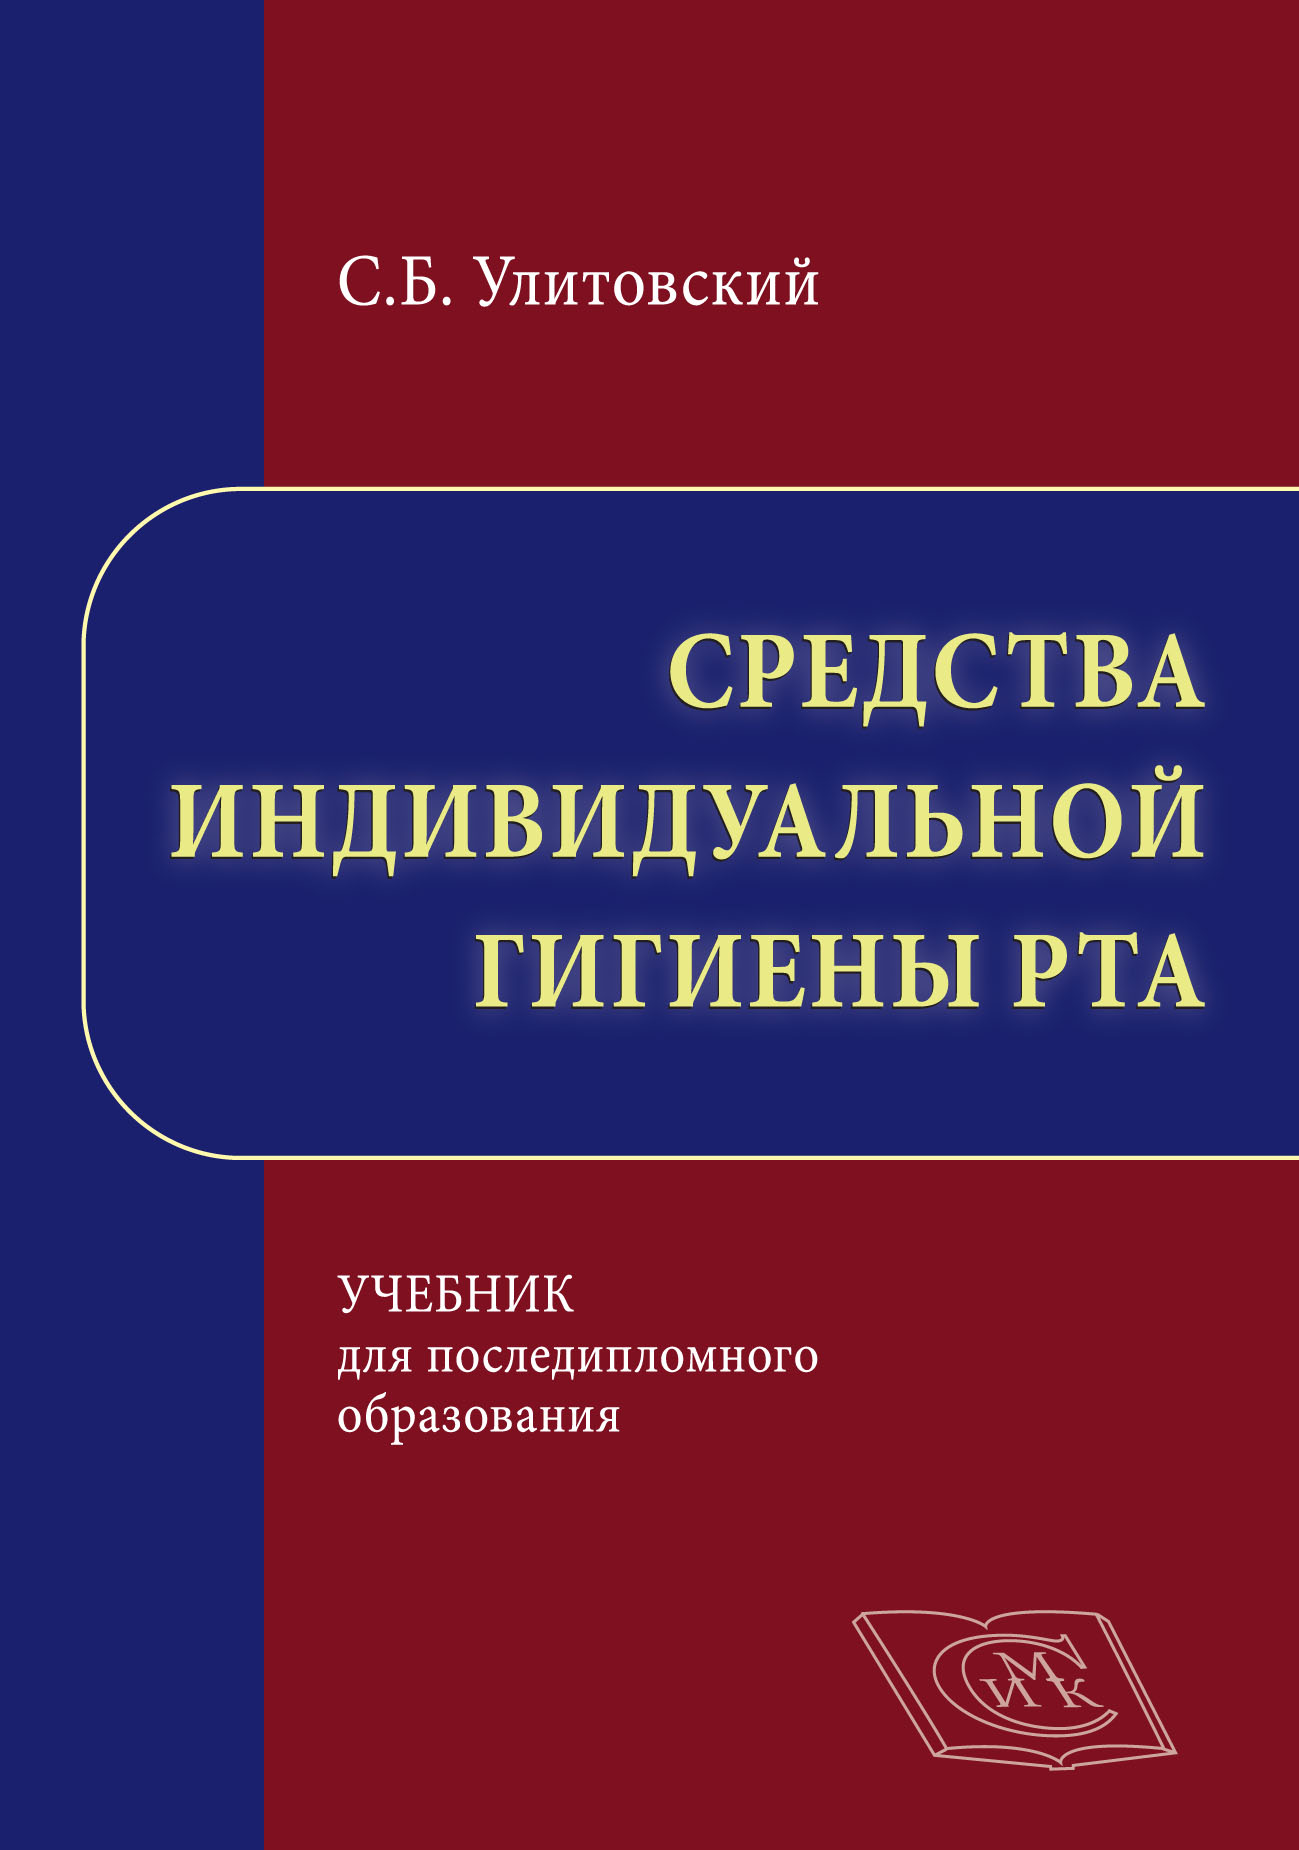 С. Б. Улитовский Средства индивидуальной гигиены рта